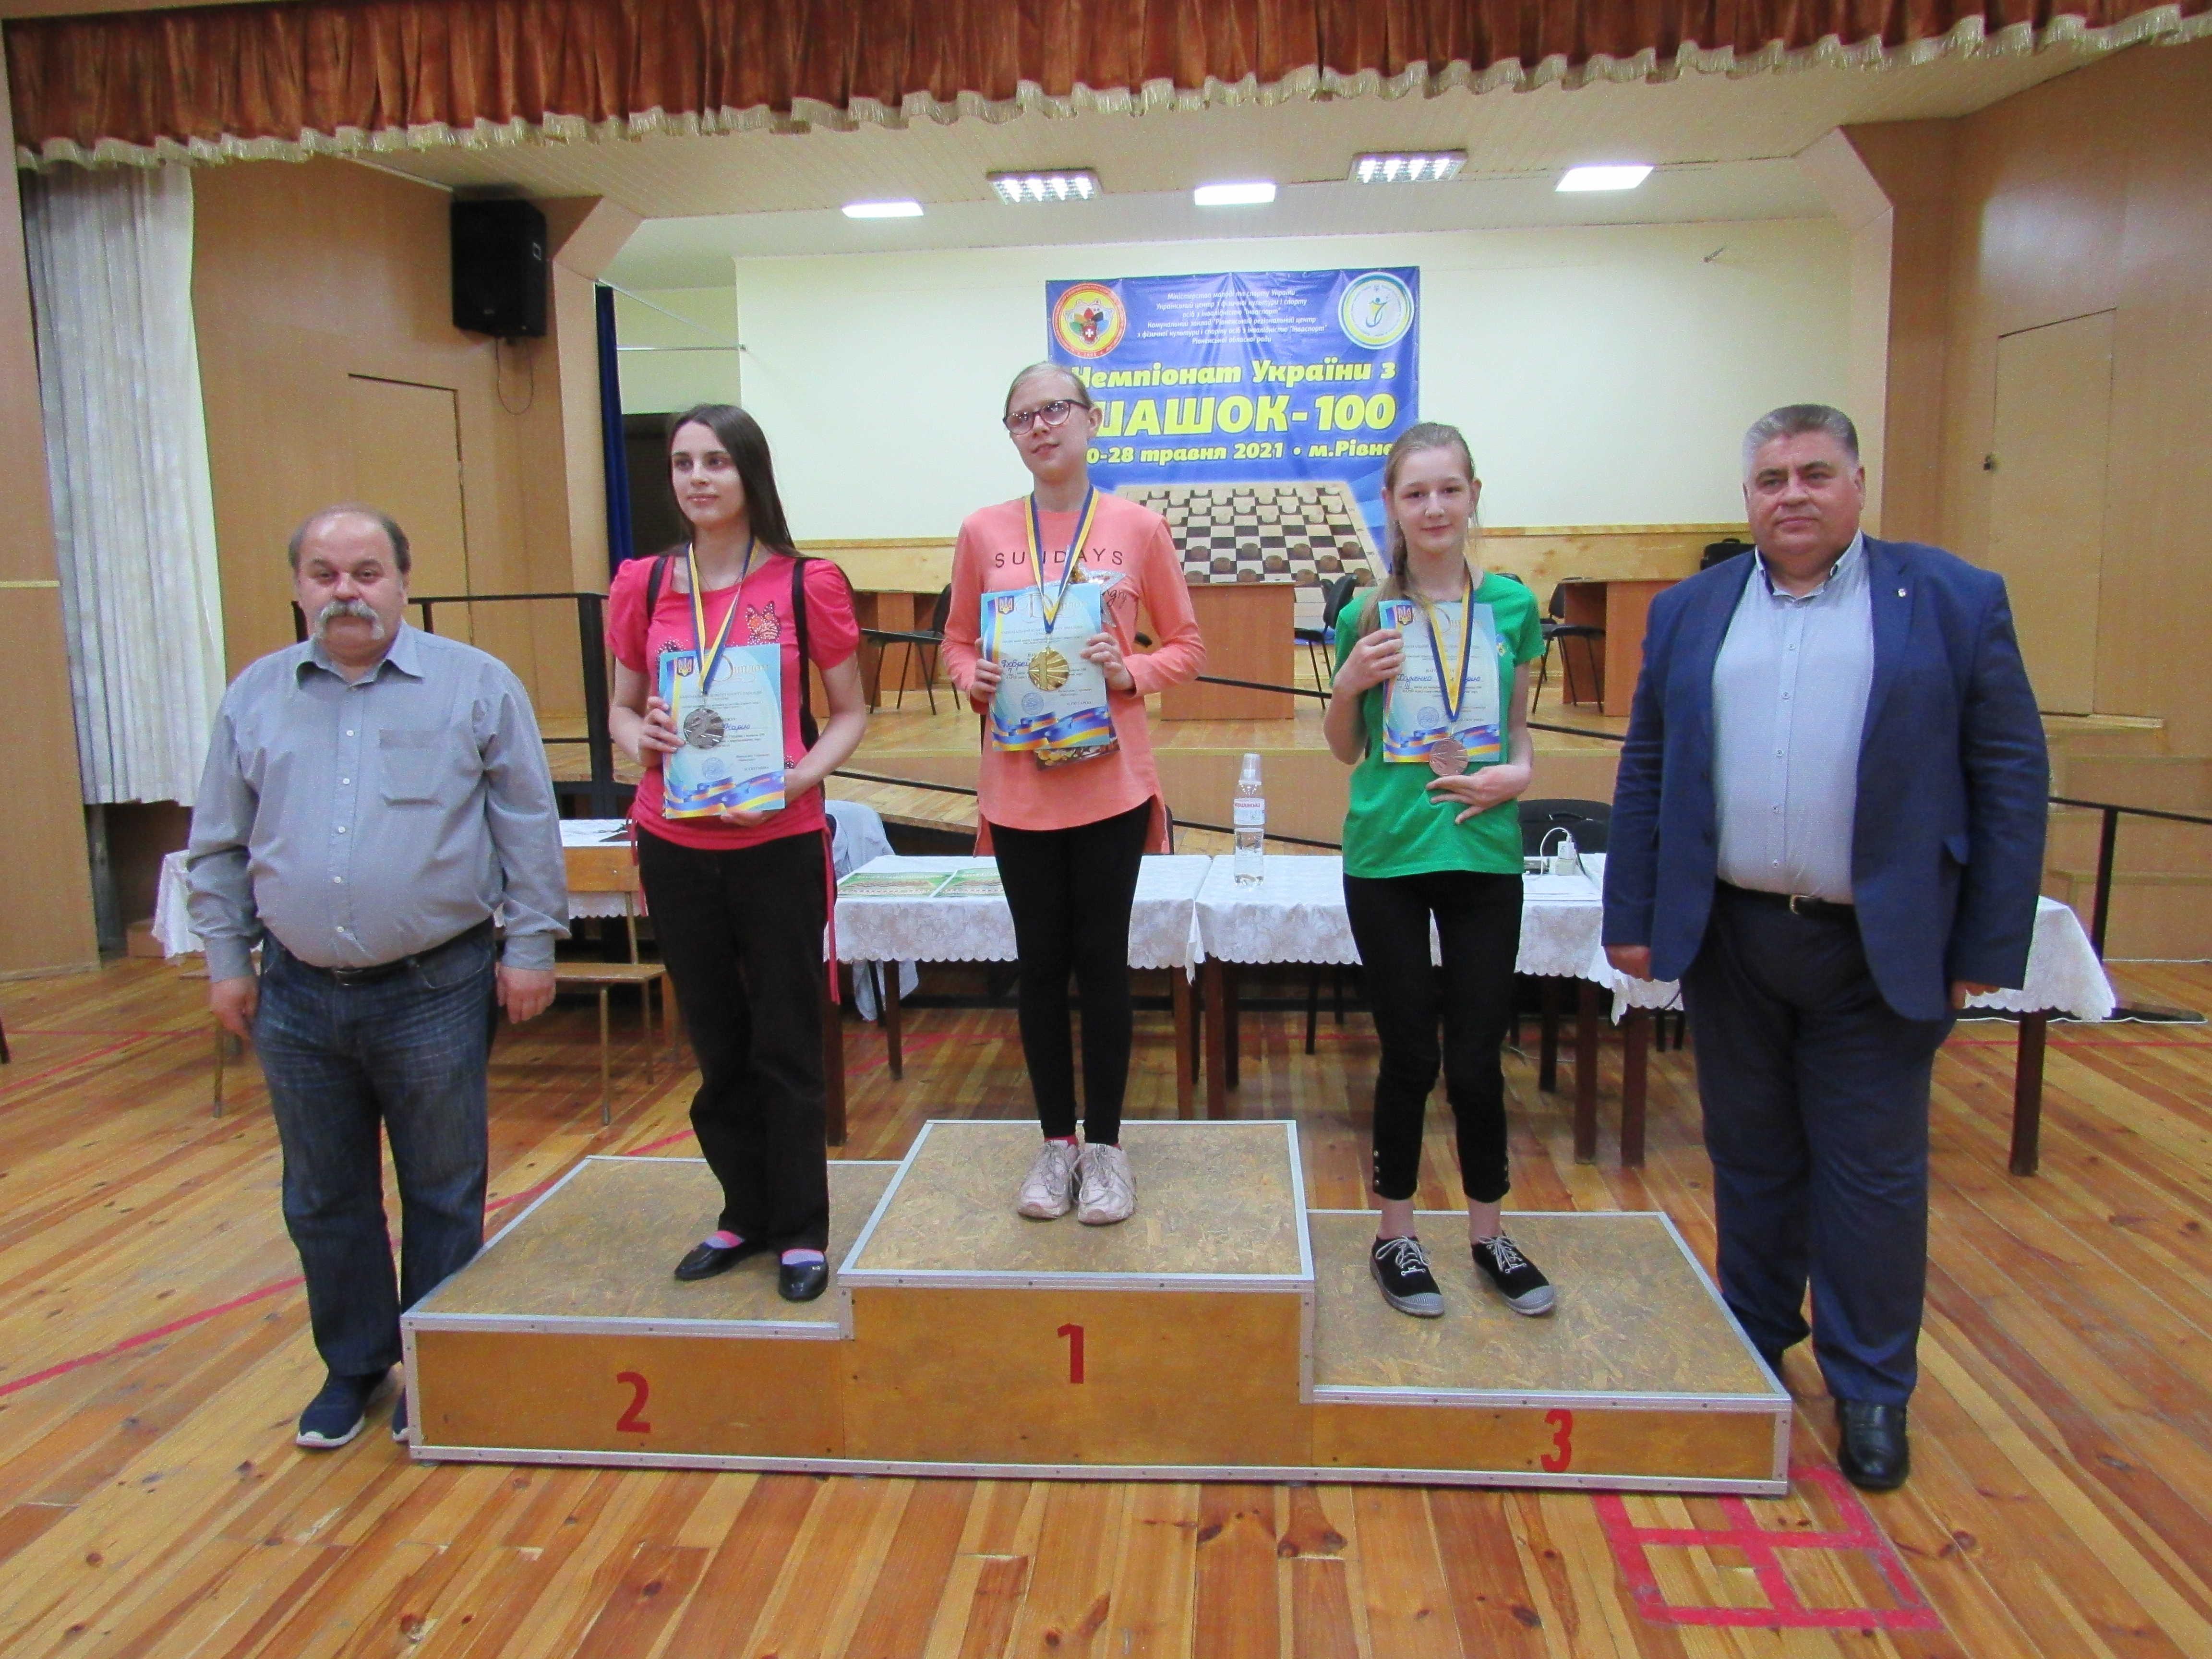 Рівненські спортсмени здобули декілька призових місць на чемпіонаті України, фото-4